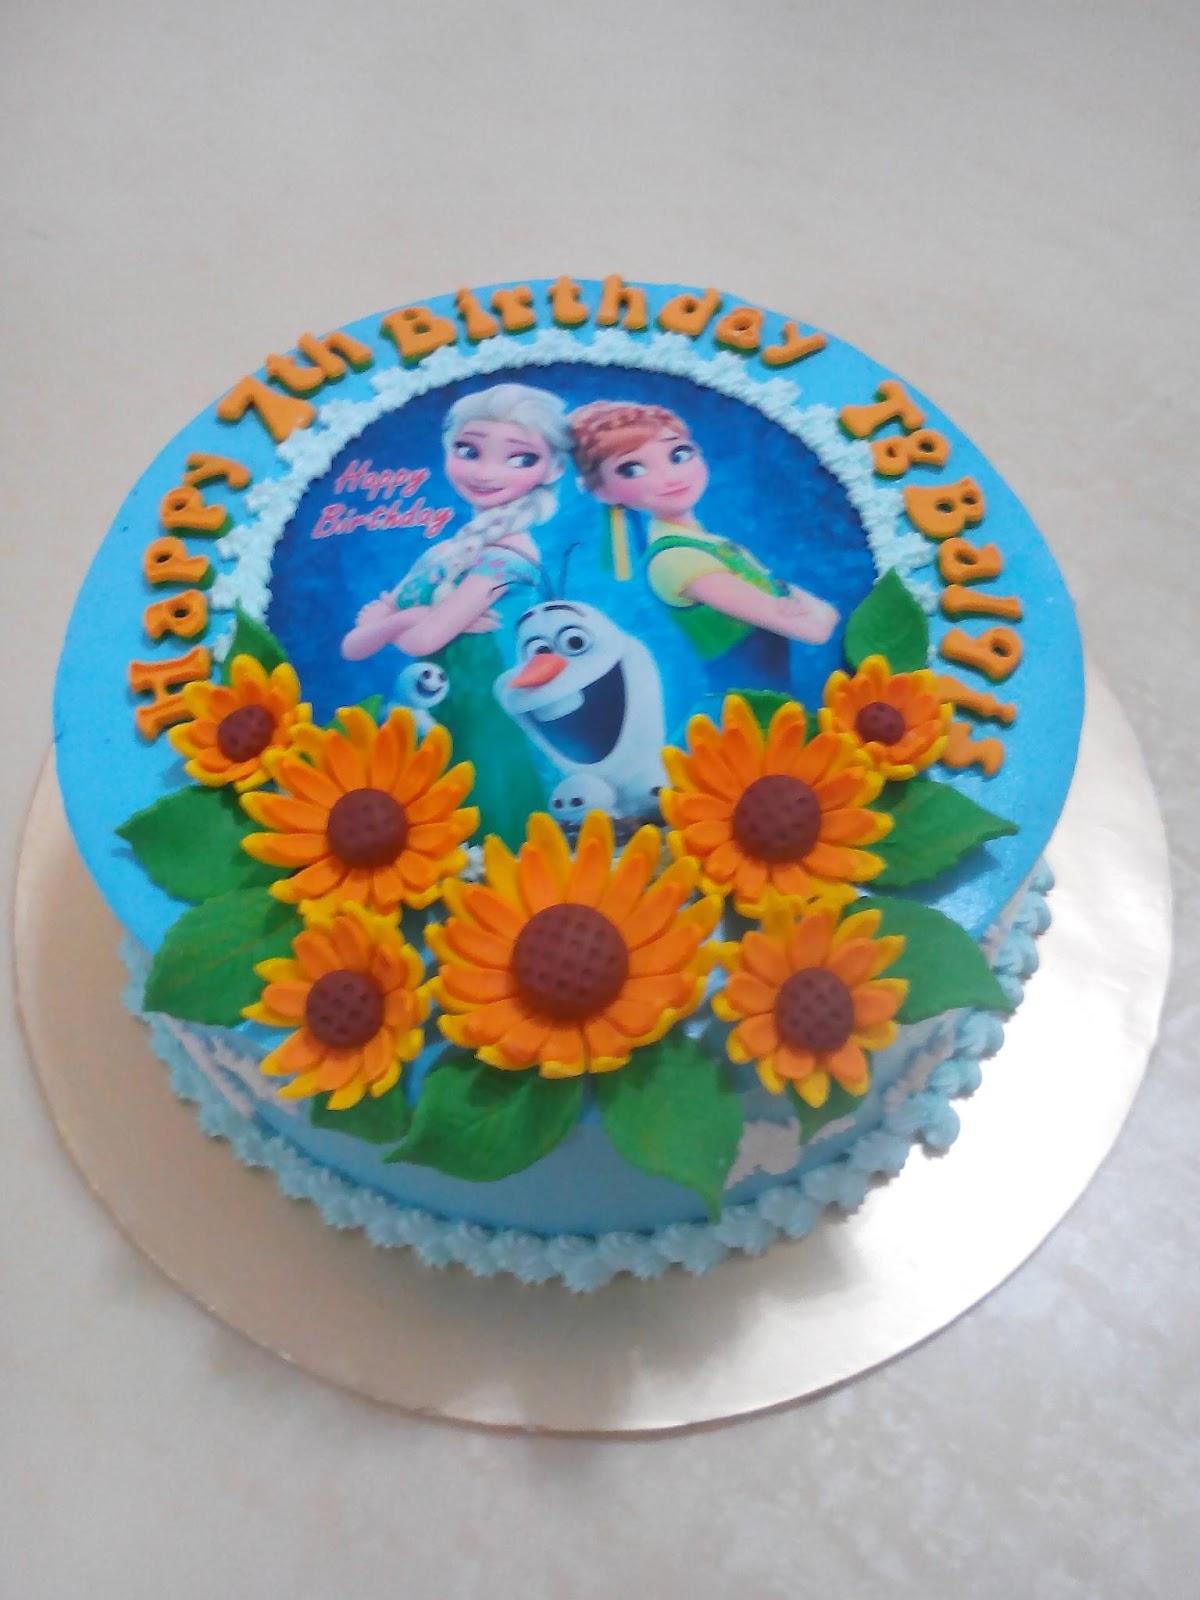 MyPu3 Cake House: Frozen Fever cake